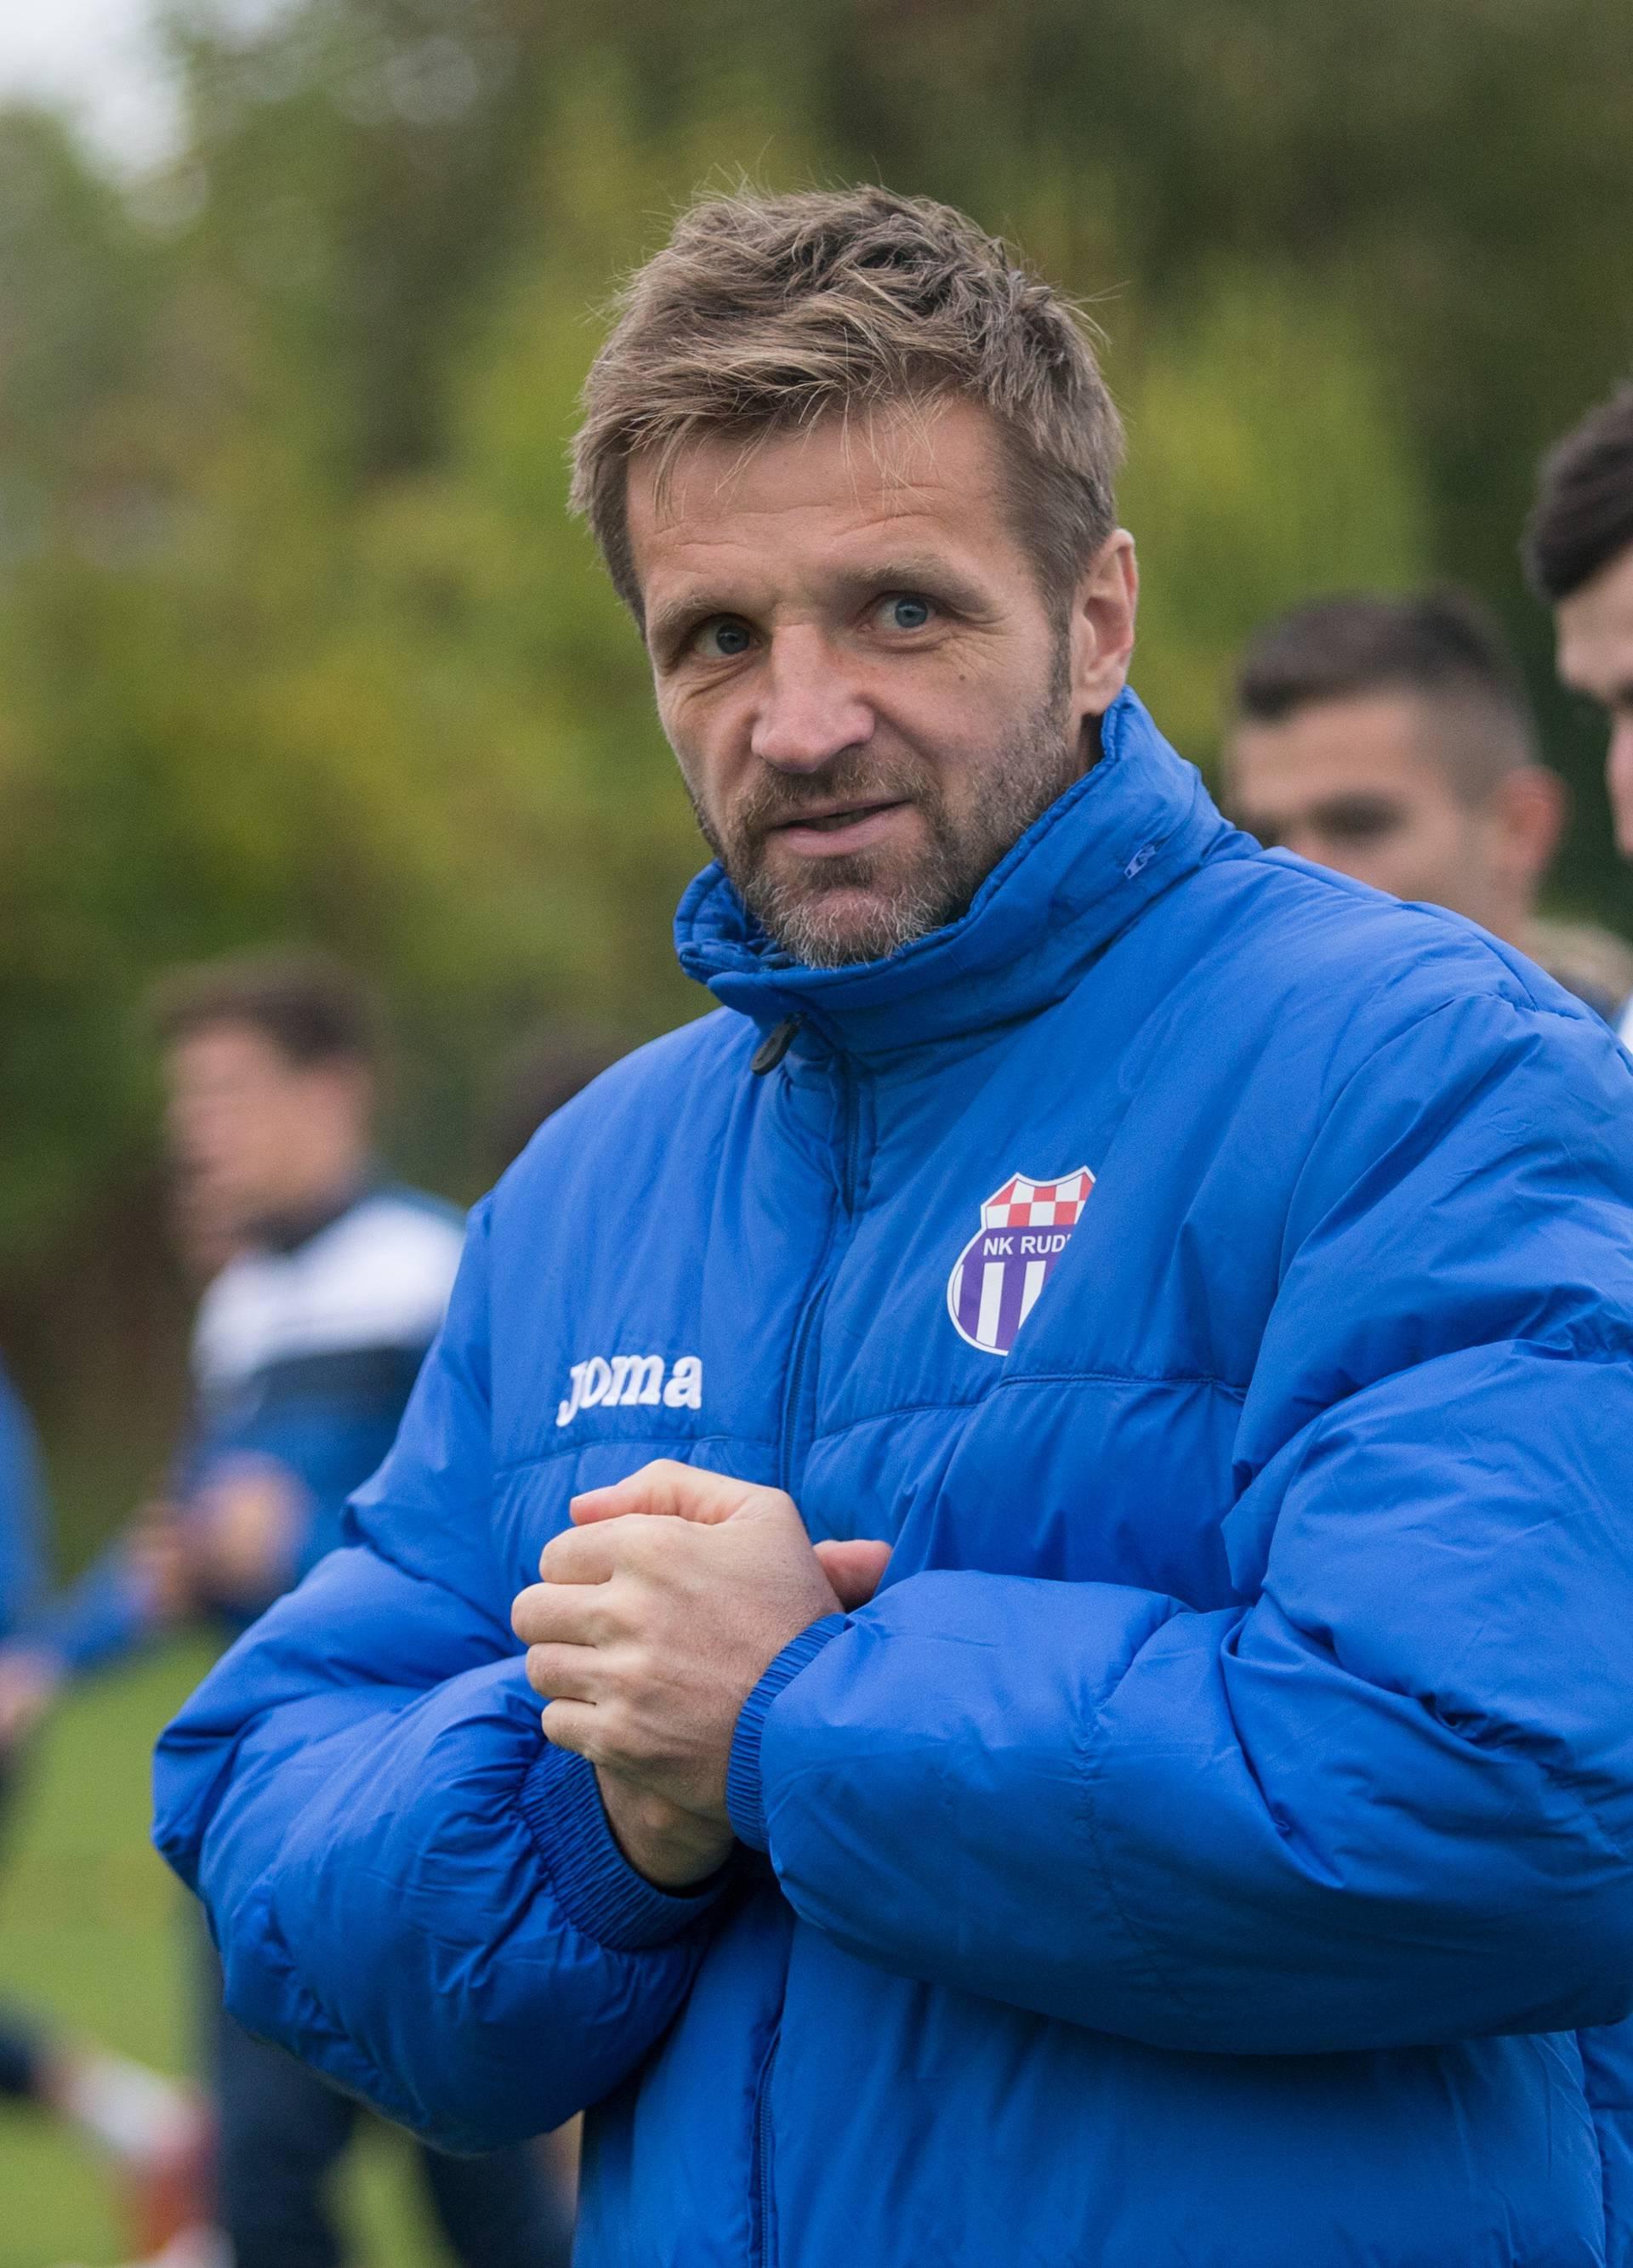 Uveo je Rudeš u prvu ligu,  sad pakira kofere i seli u Sloveniju?